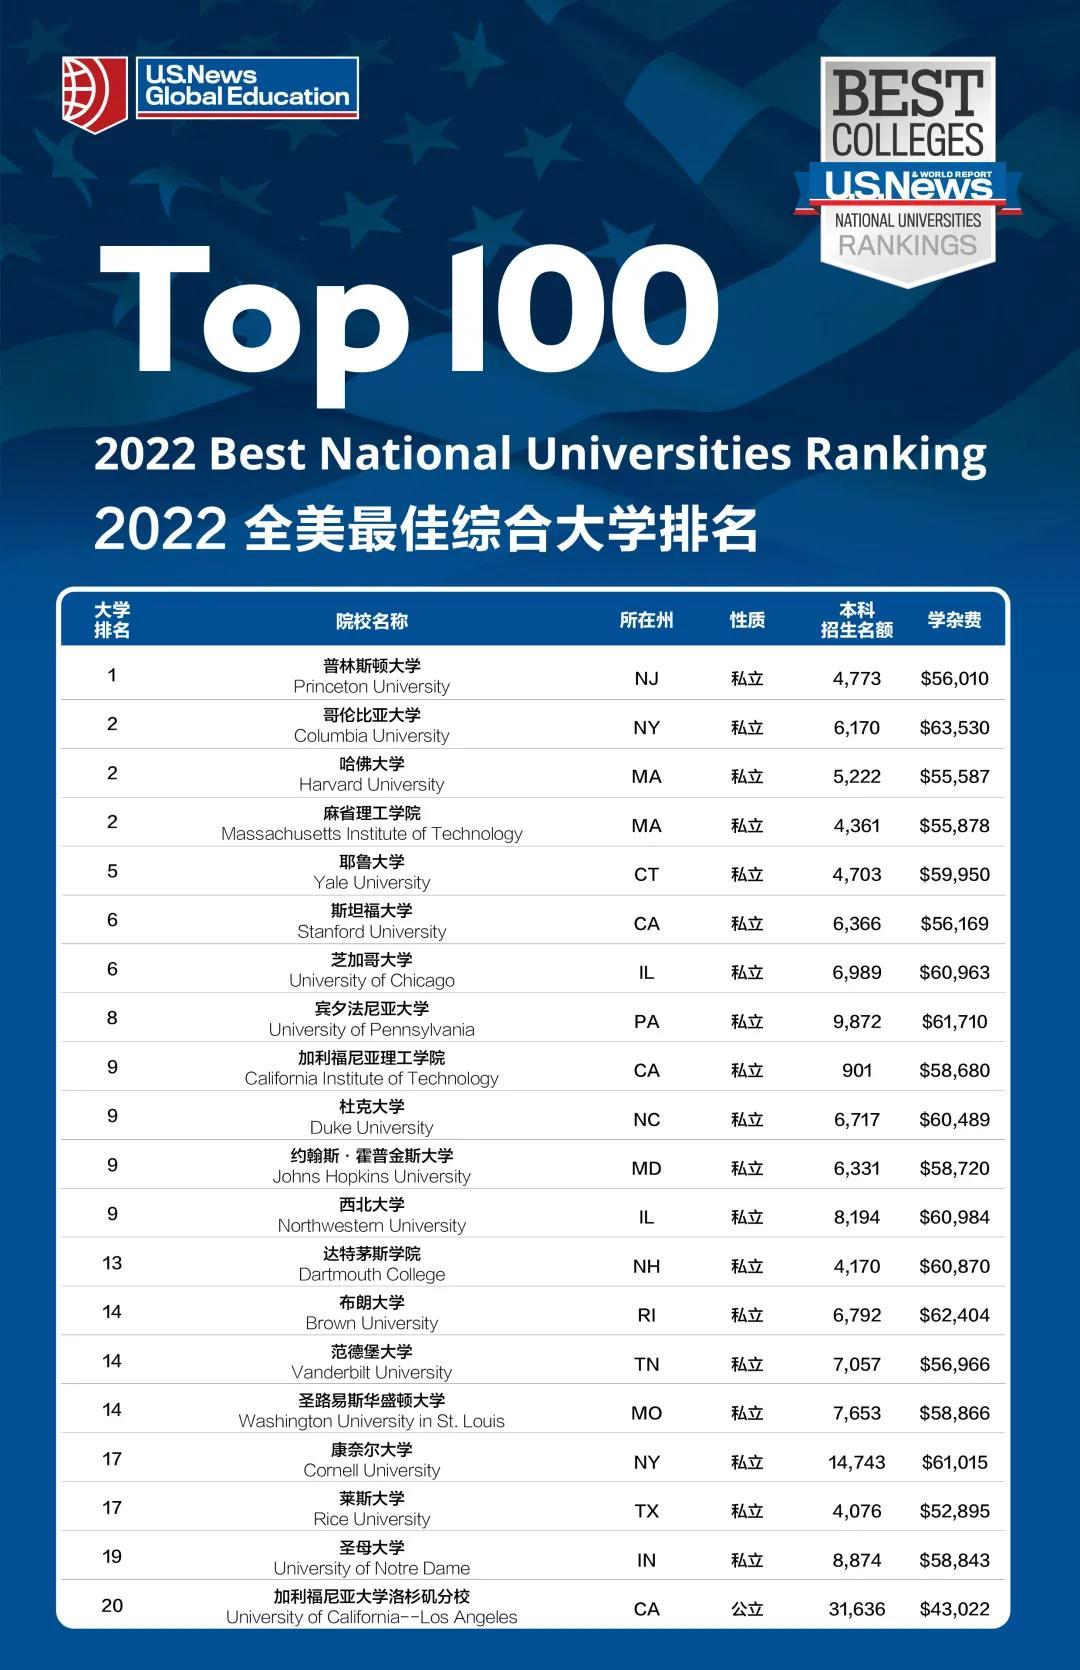 2022年U.S. News 美国大学排名